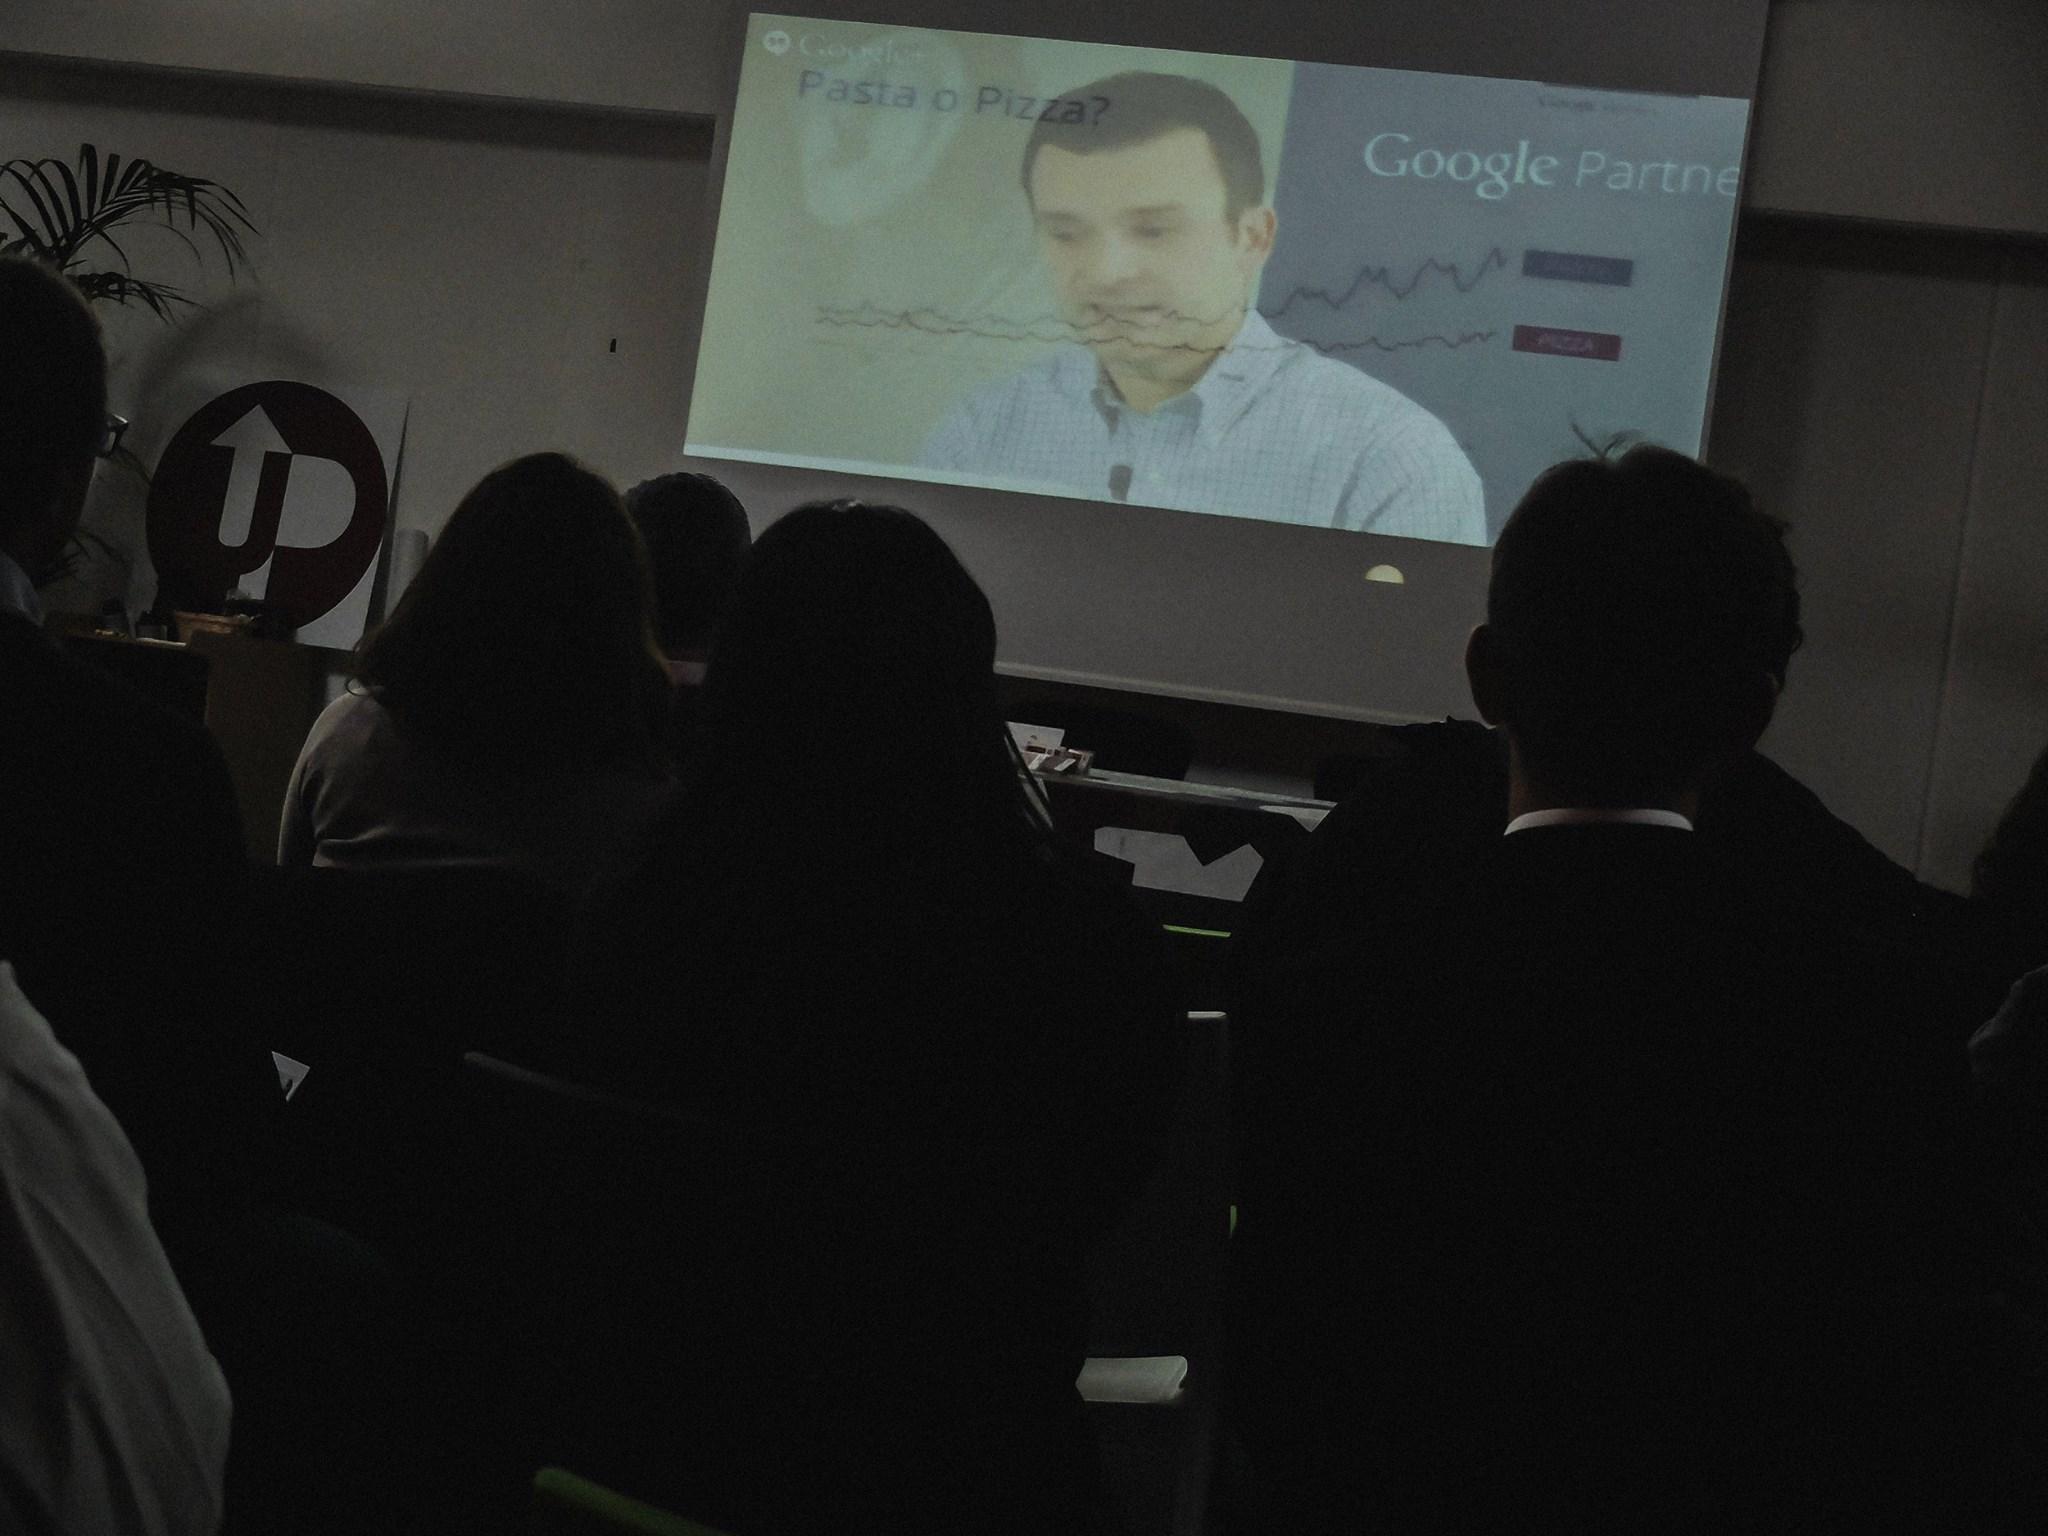 Un momento dell\'evento promosso da UPtimization e Google